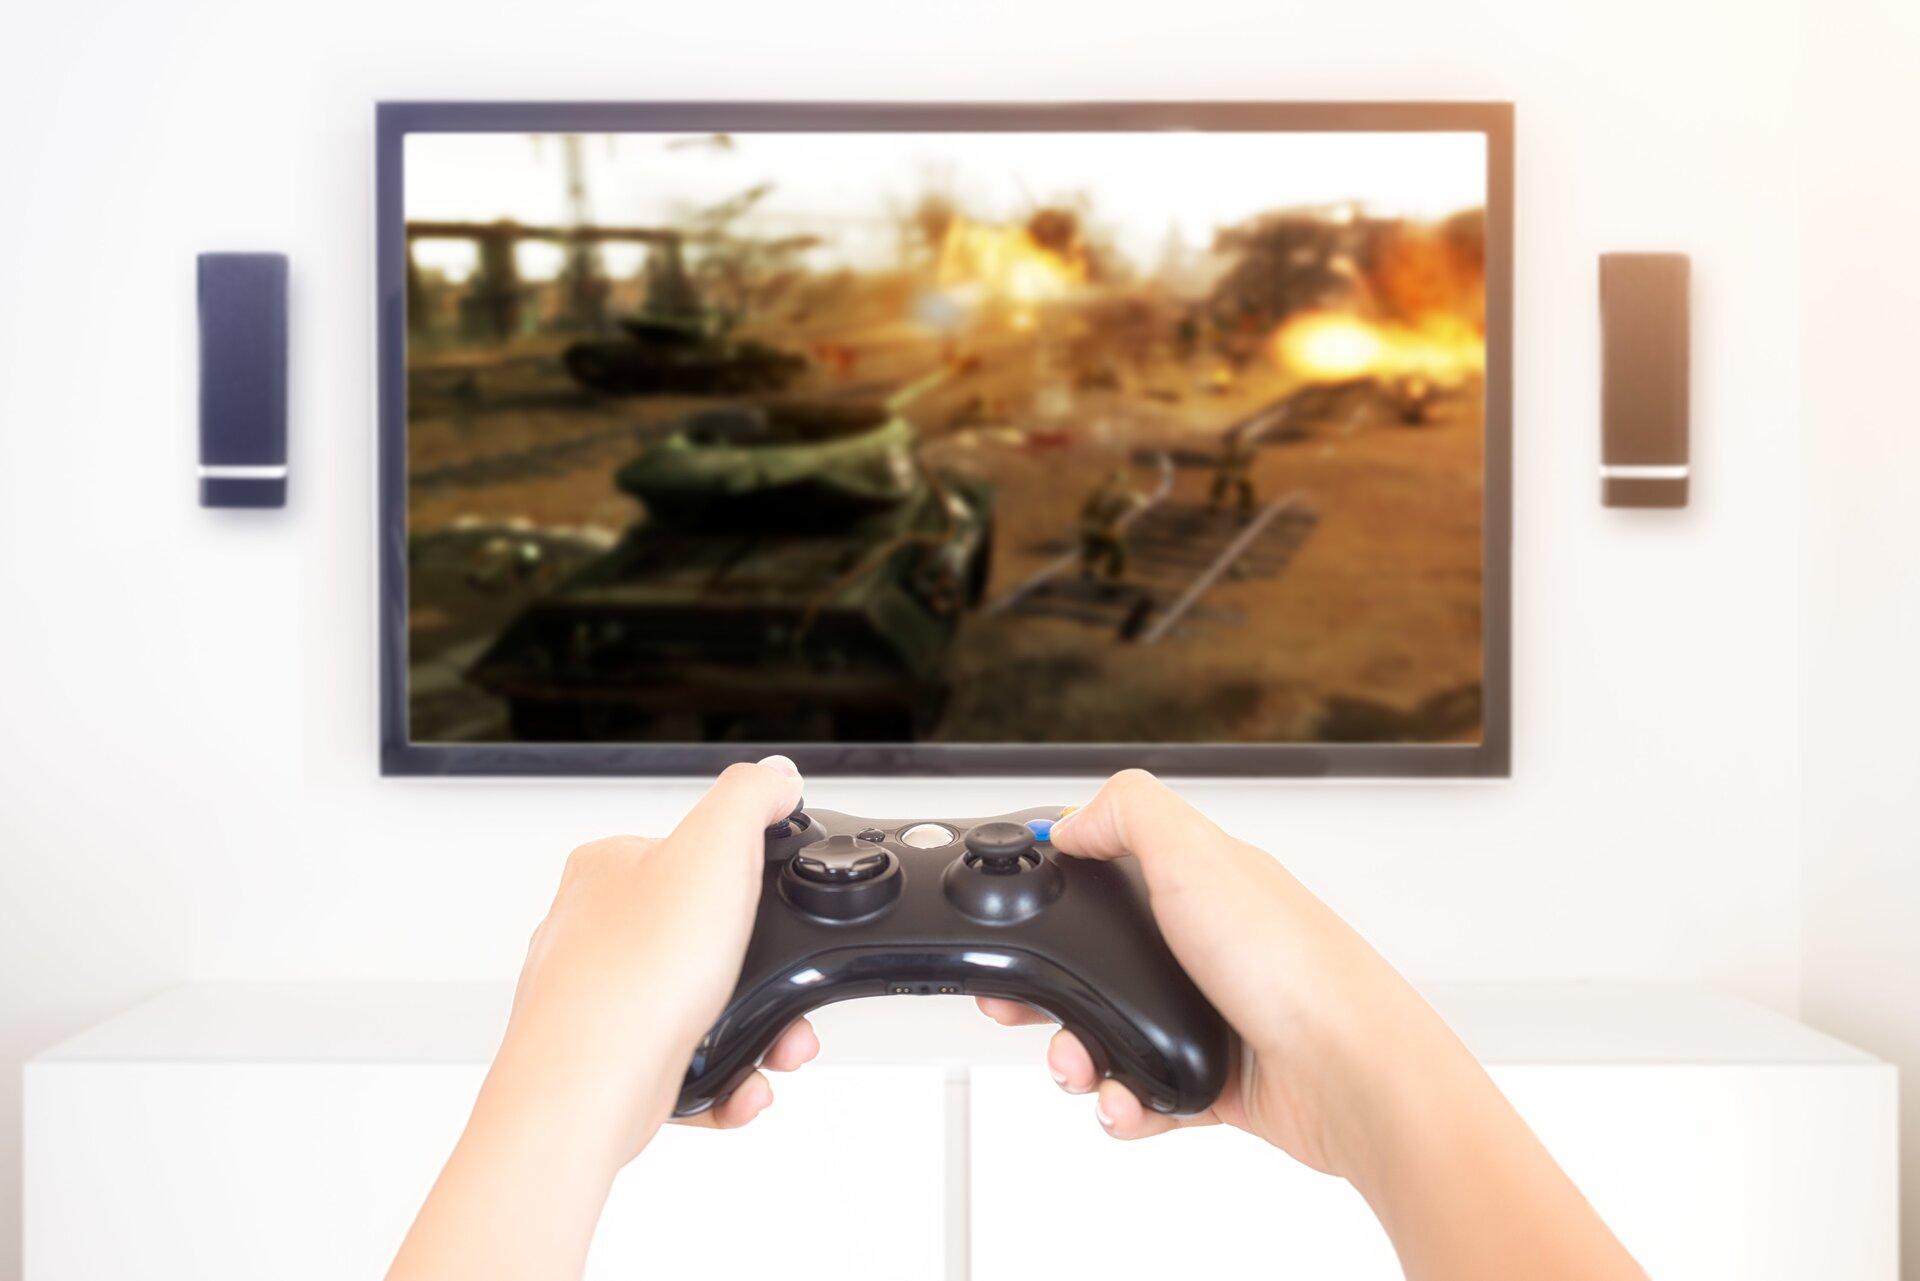 Ilustracja przedstawia granie na konsoli. Ukazuje ona osobę grającą wgrę na ekranie telewizora. Trzyma ona wdłoniach kontroler do gry.